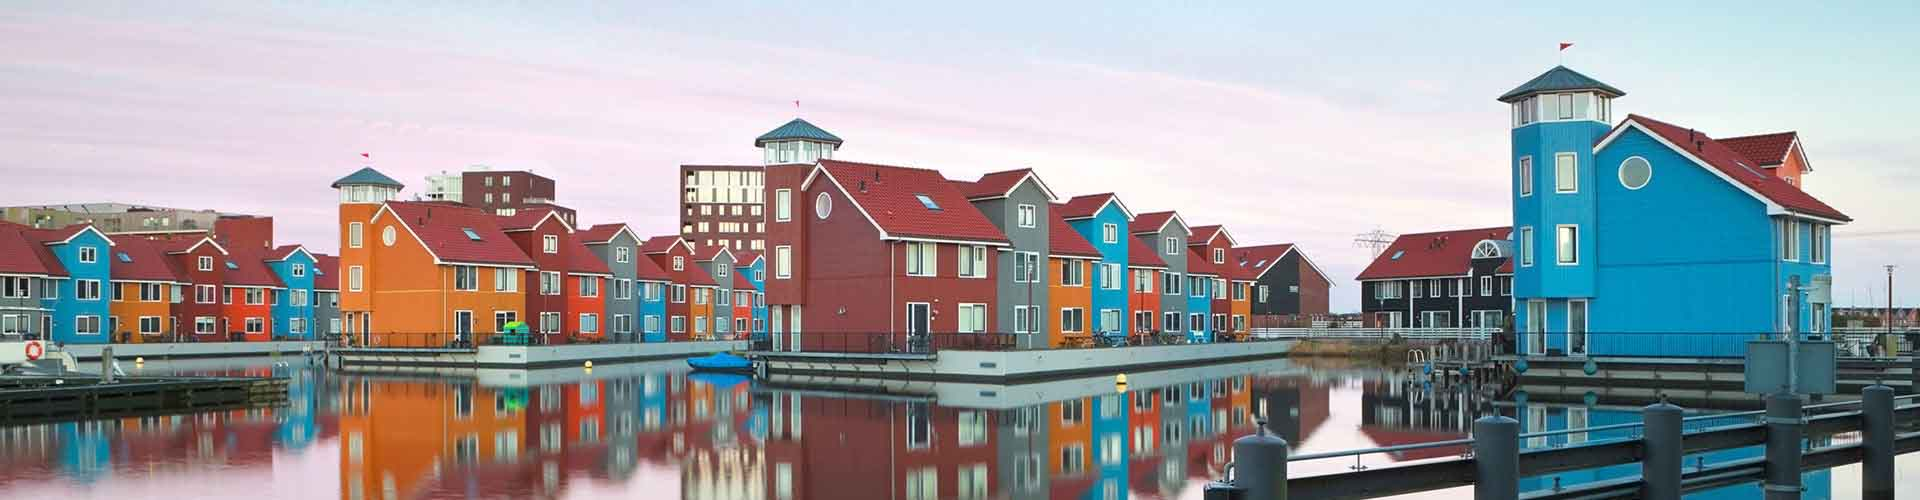 Groningen – Huoneet kohteessa Groningen. Groningen -karttoja, valokuvia ja arvosteluja kaikista Groningen -huoneista.